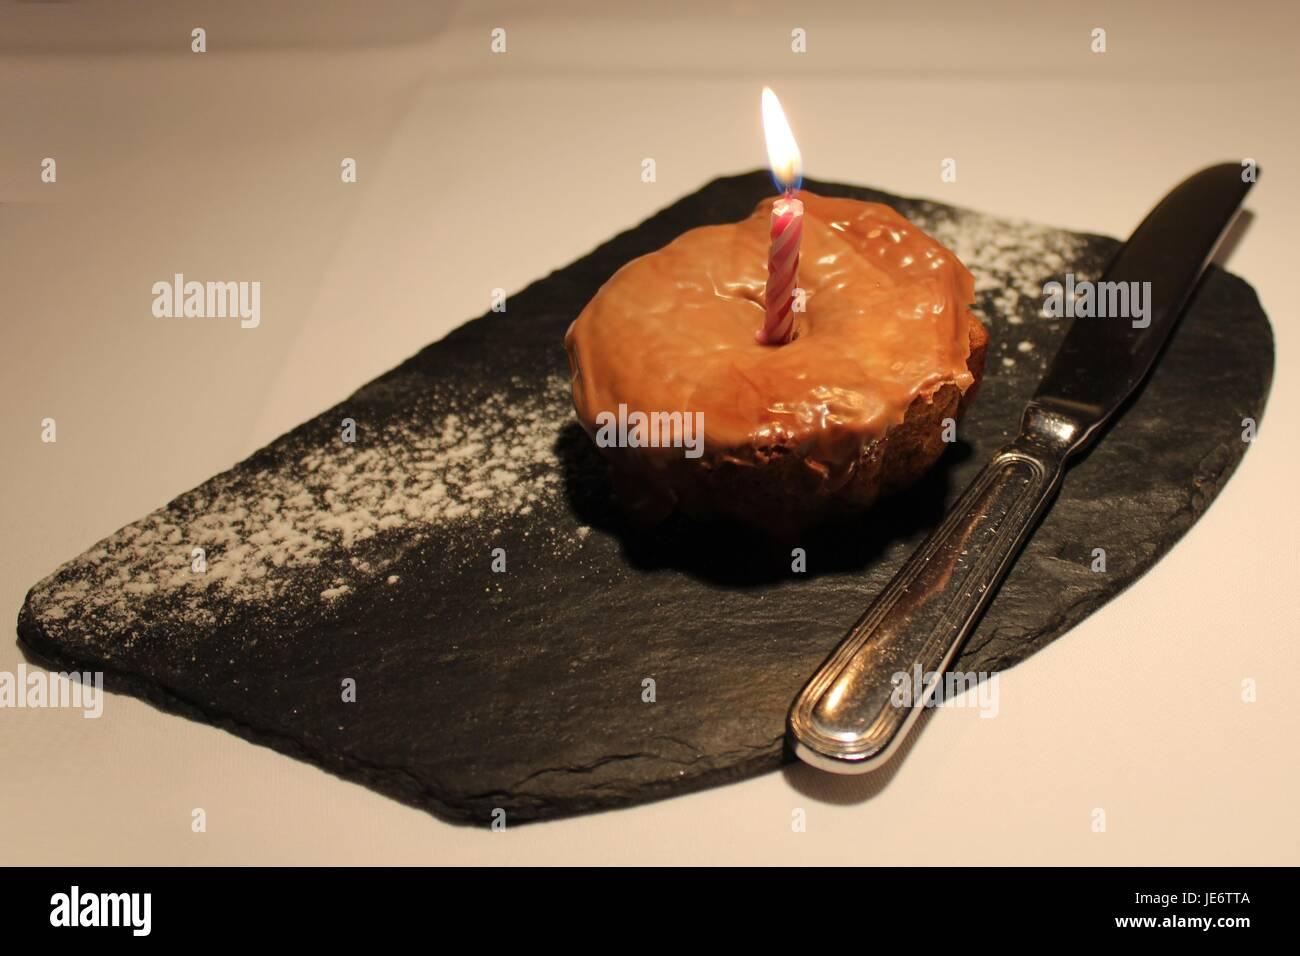 Geburtstagstorte mit einer brennenden Kerze Stockfoto